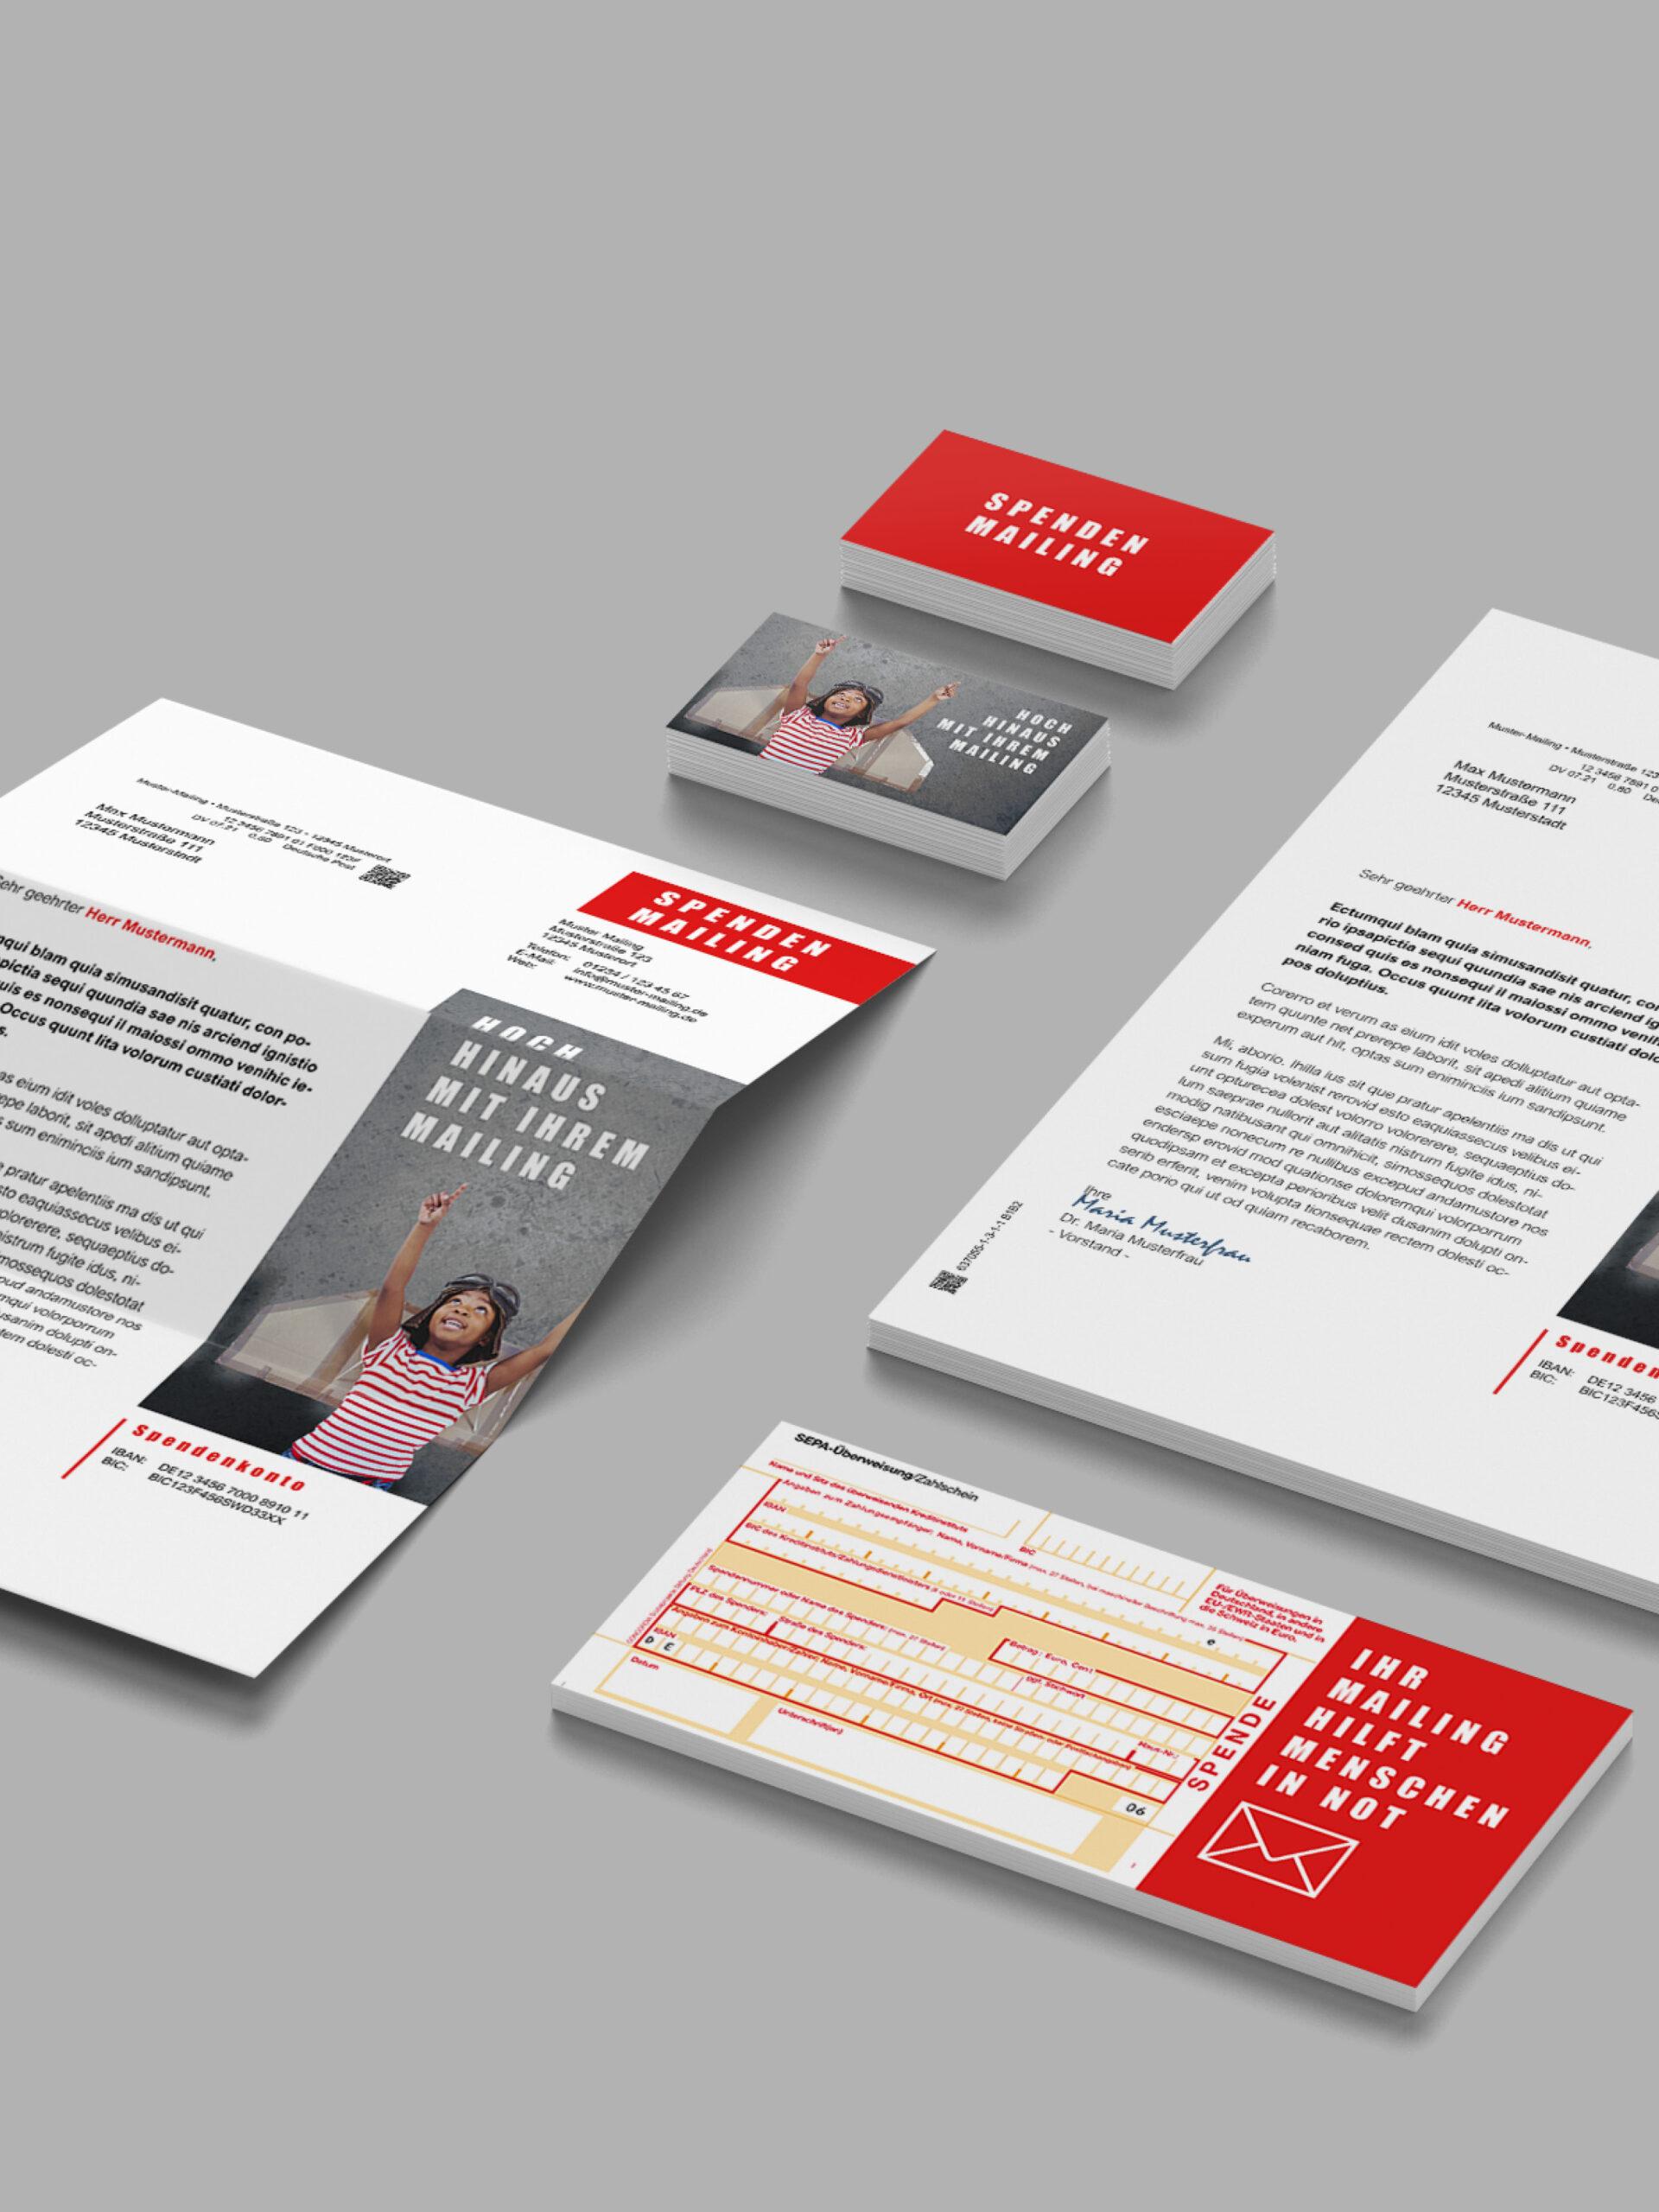 Mailingsbeilagen im Lettershop zum Kuvertieren